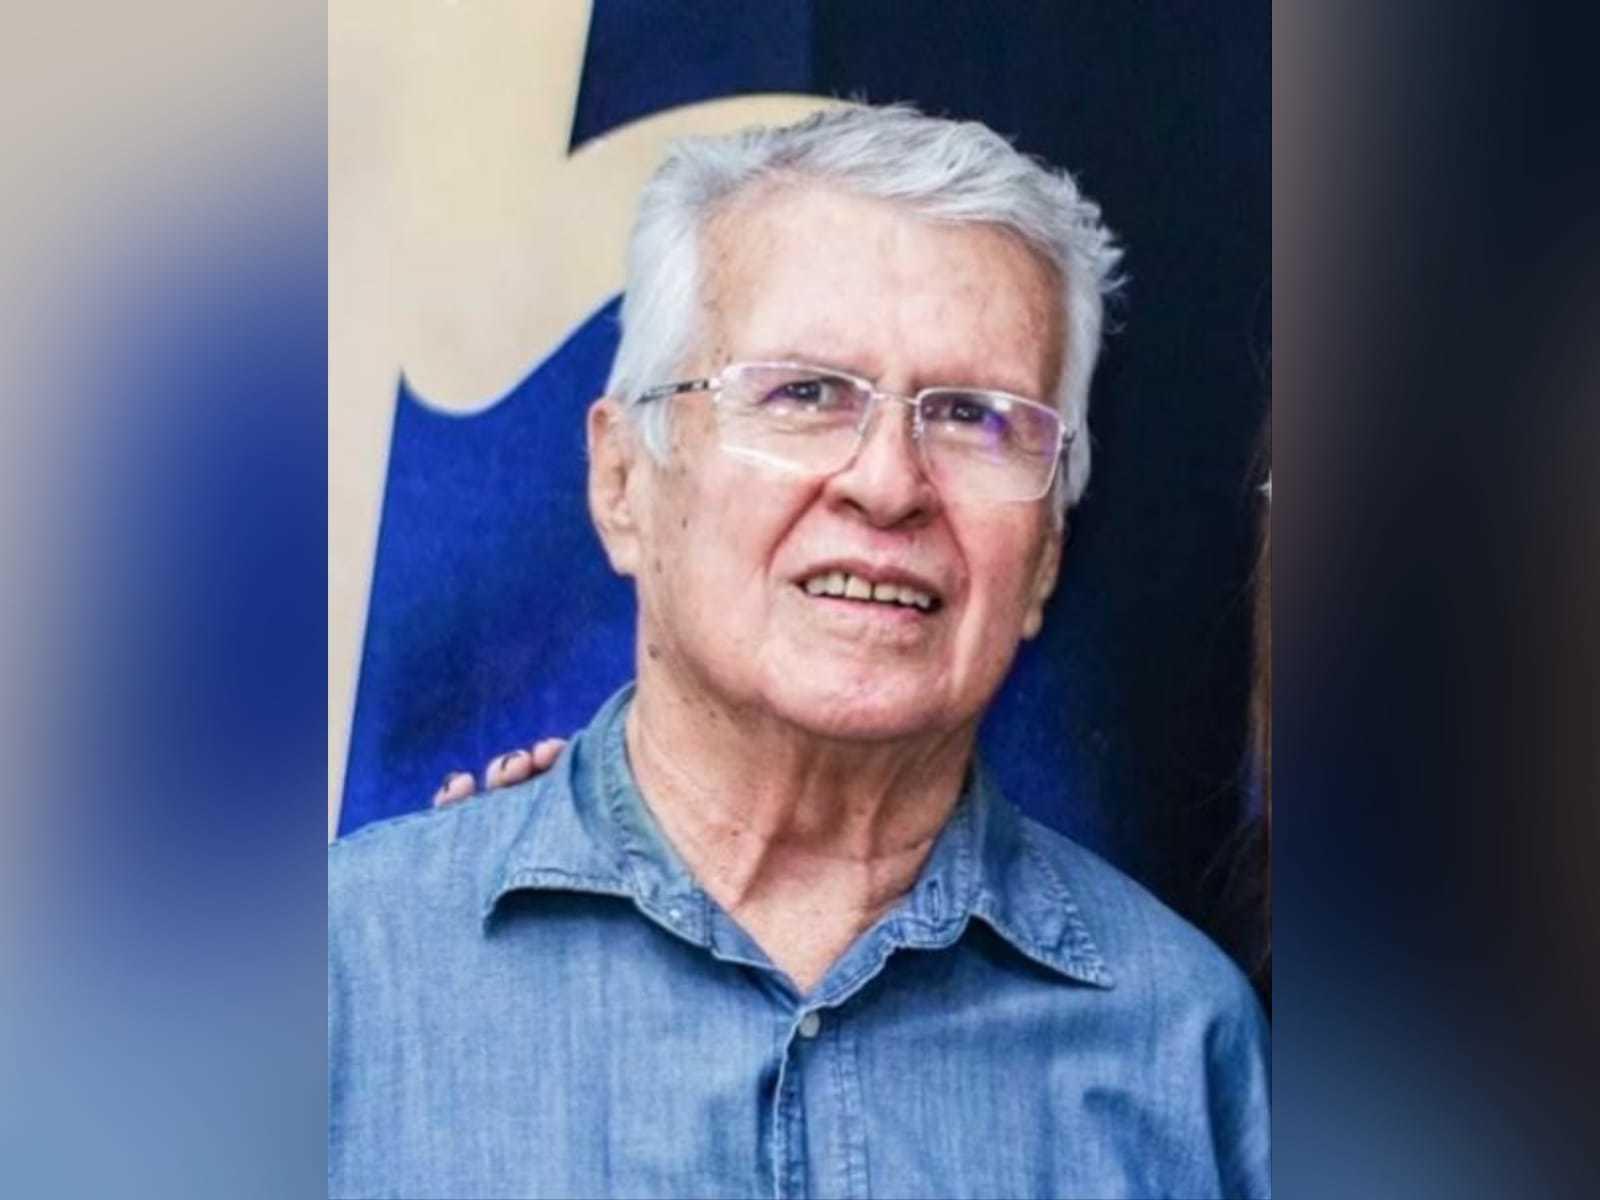 Mario de 70 anos, desaparecido desde a tarde de ontem (22). (Foto: Arquivo Pessoal)